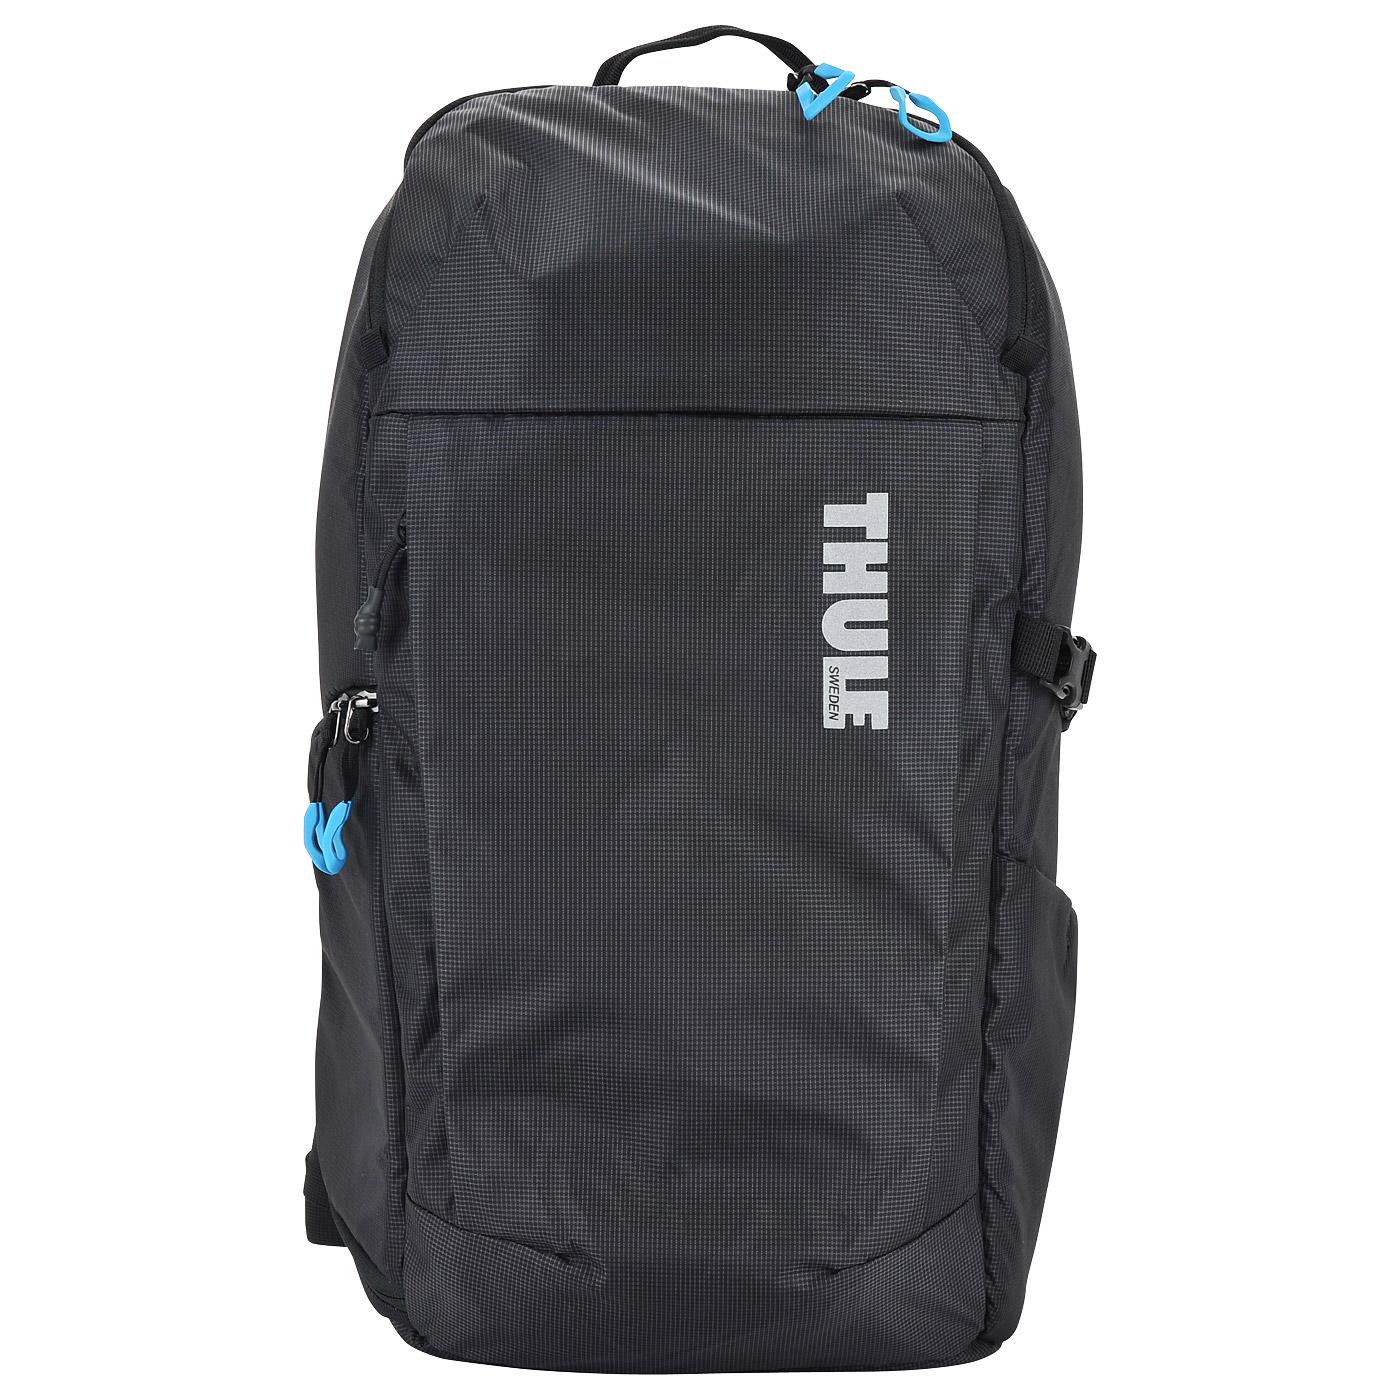 Рюкзак для фототехники Thule Aspect DSLR 3203410 - 2000557752184 черный нейлон 30 x 50 x 18 Цена 16900 руб. купить в интернет-магазине PanChemodan.ru в Москве